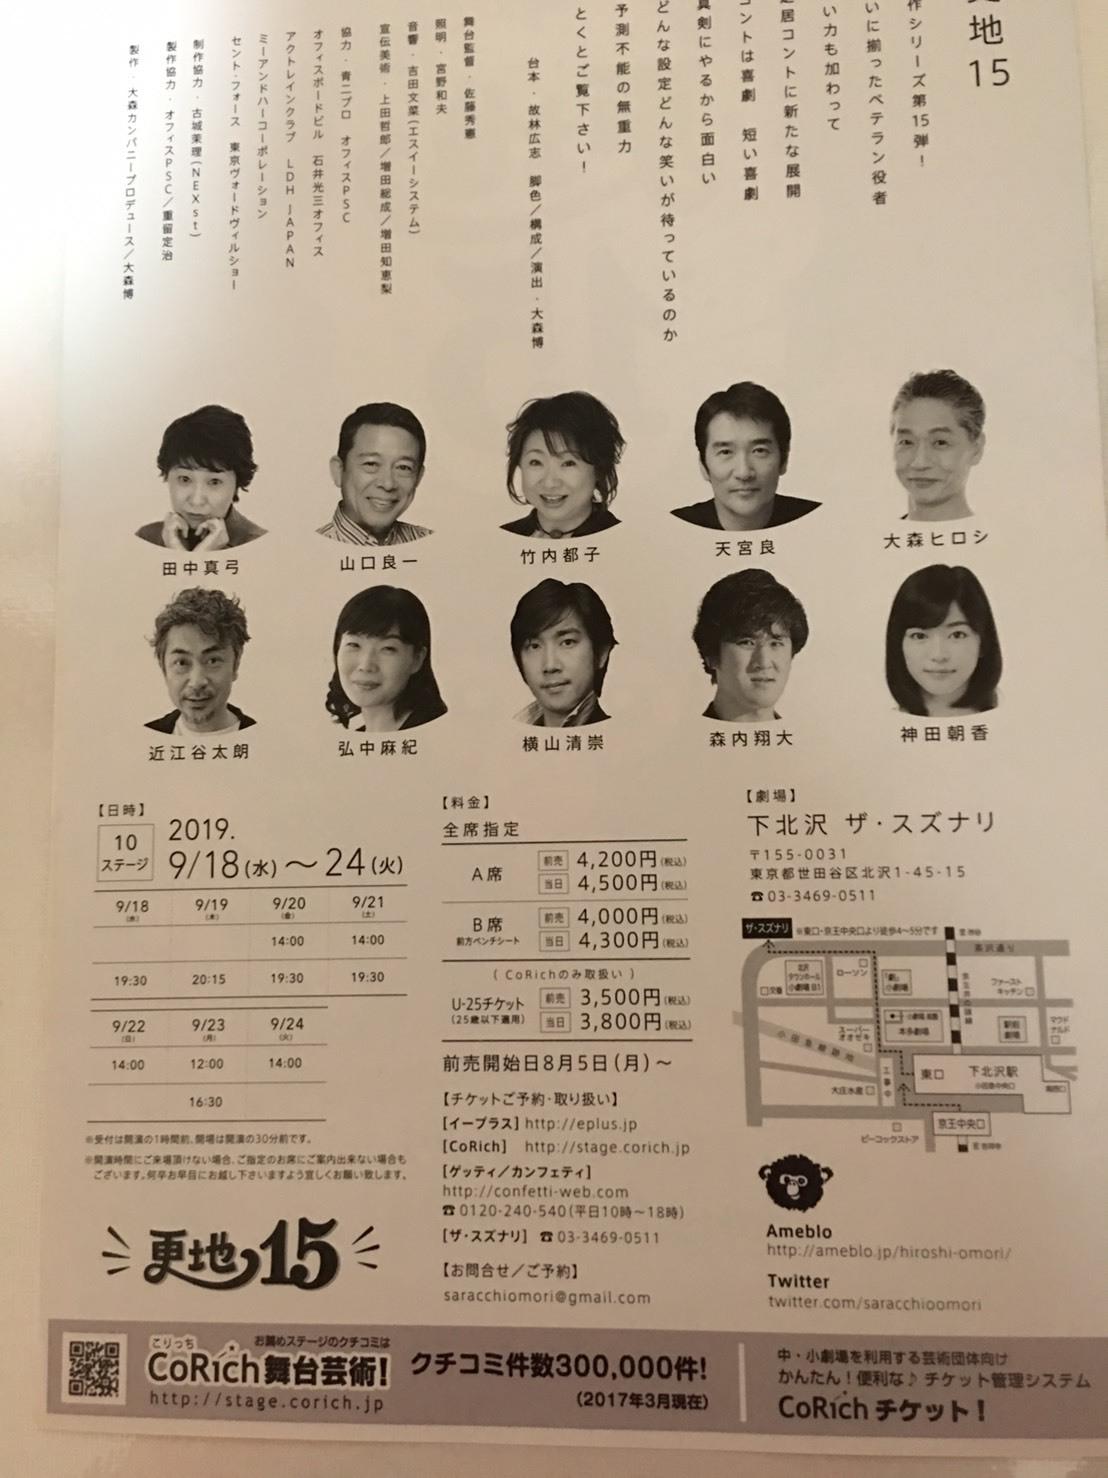 添田でいただいたお手紙_a0163623_16103724.jpg